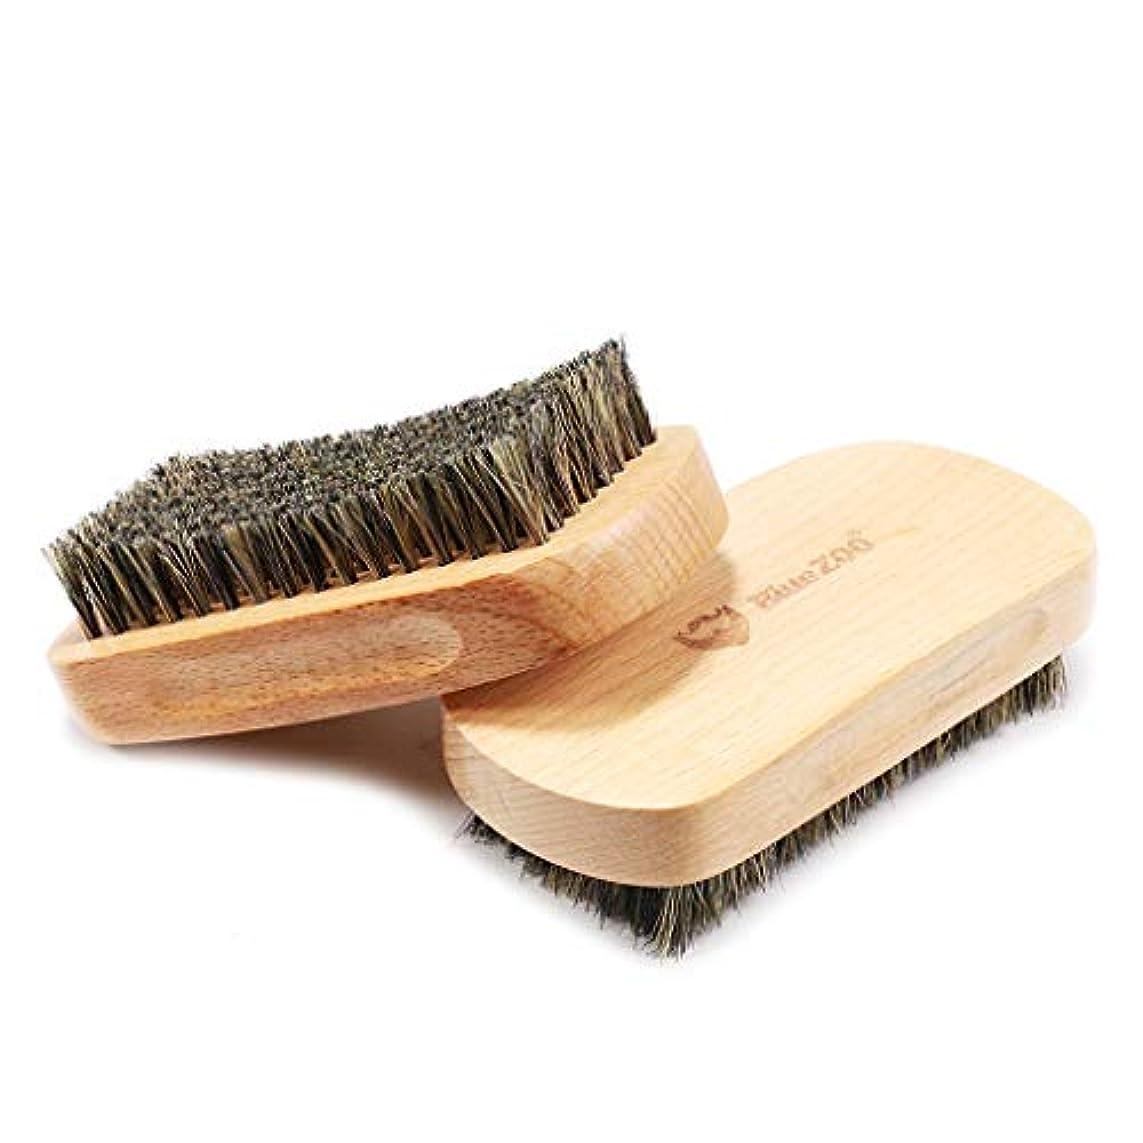 ラダる建築ひげブラシ シェービングブラシ メンズ 毛髭ブラシ ひげ剃り 硬い剛毛 理容 洗顔 髭剃り